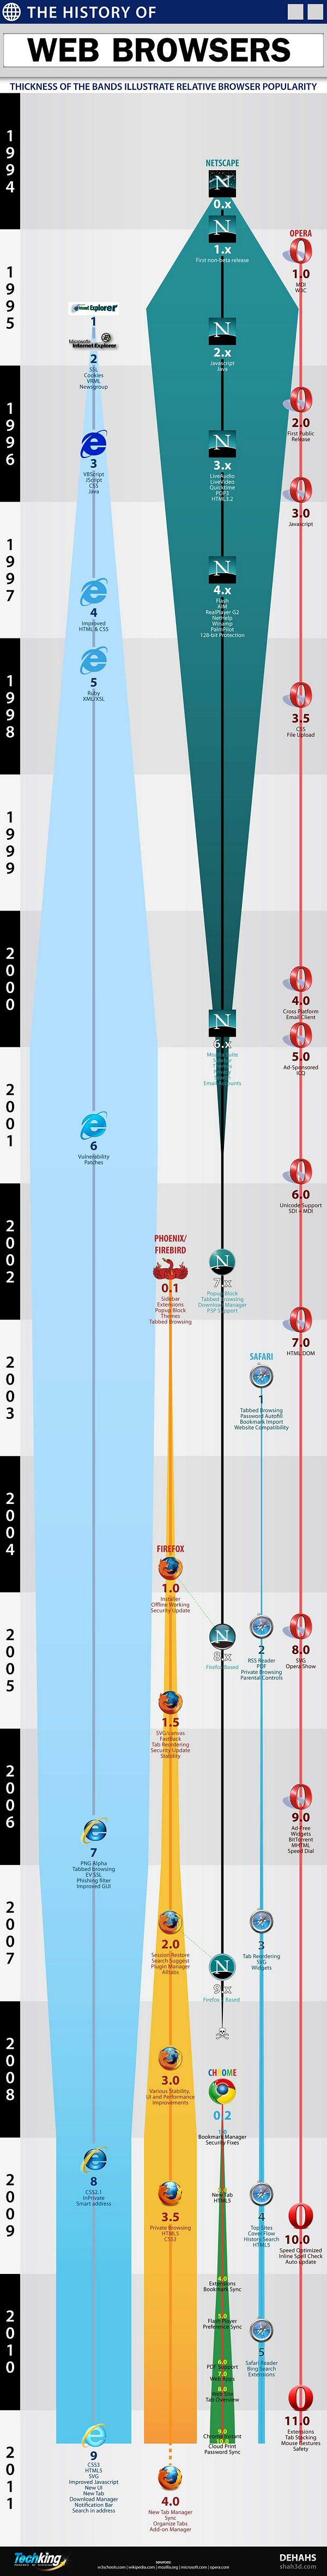 Infografia que muestra la evolución de los navegadores Web